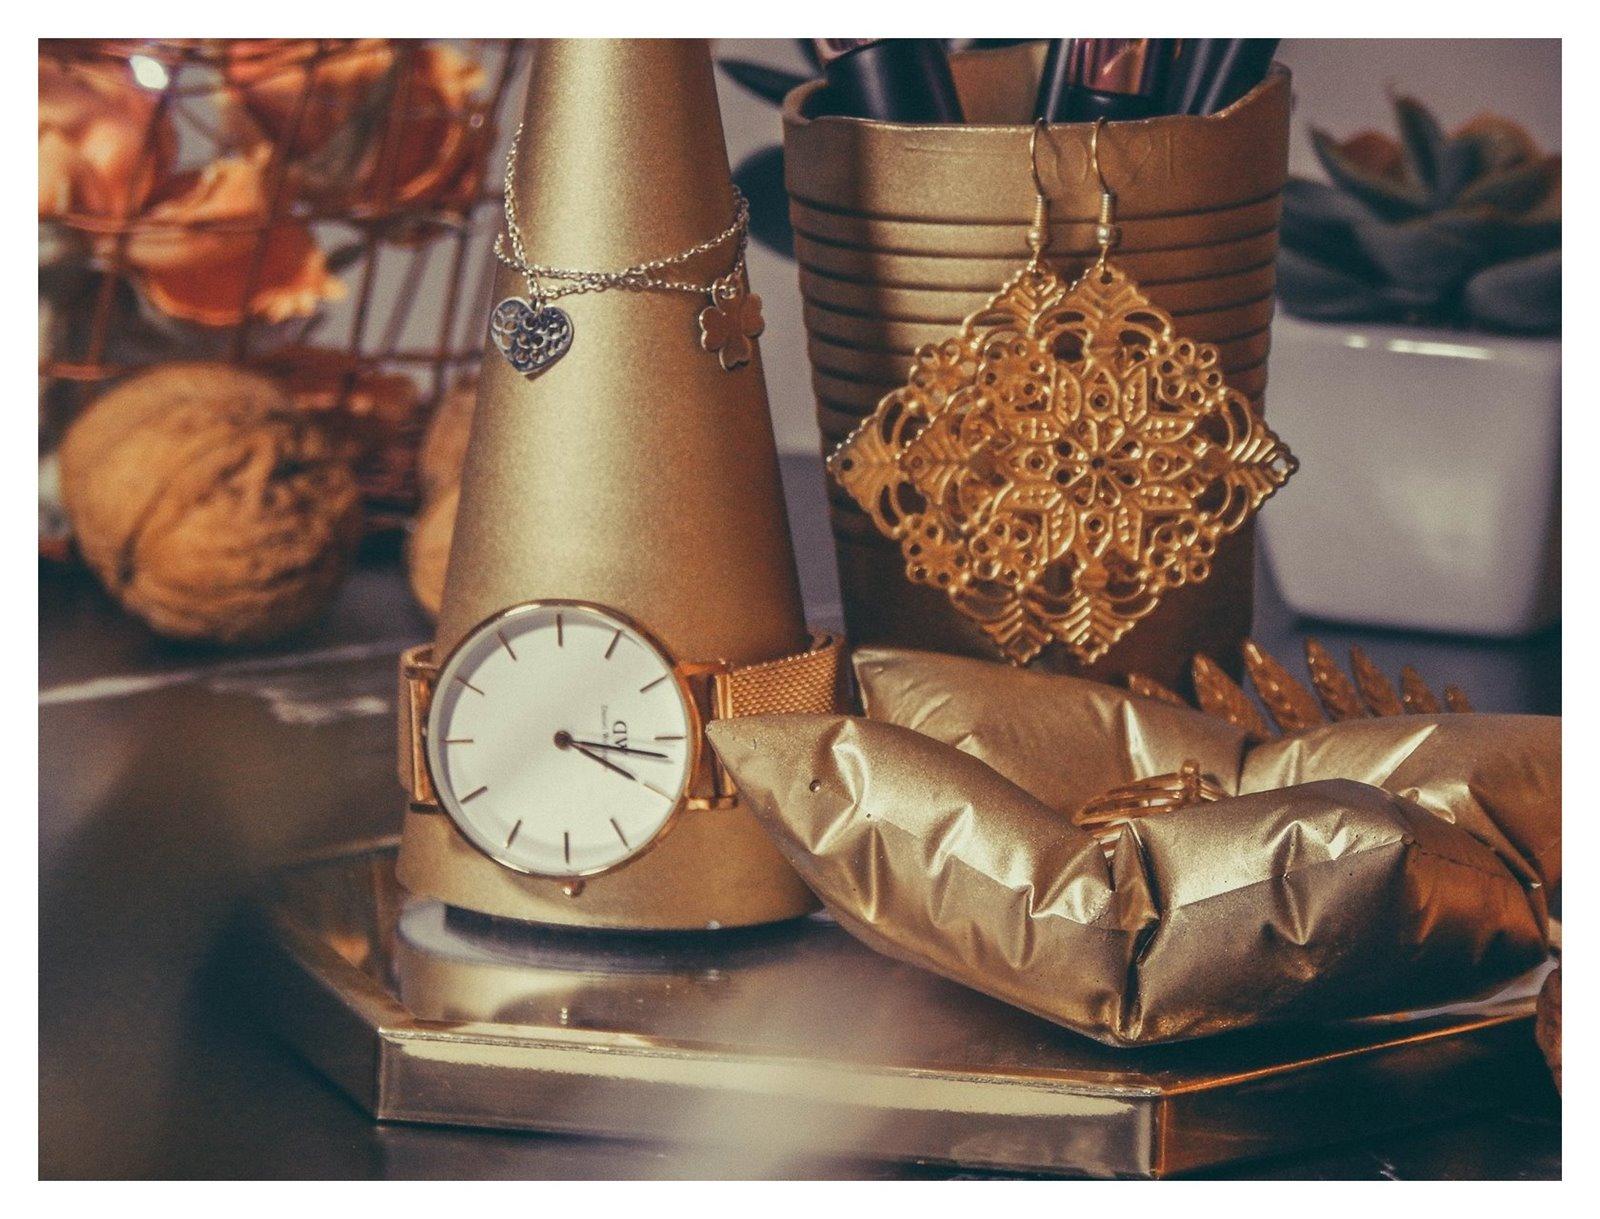 3a contit stylowe złote dodatki do wnętrz stojak na bizuterię jak przechowywać biżuterię nowoczesne dekoracje pomysł na prezent łódzkie upominki prezenty na gwiazdkę co kupić dziewczynie na urodziny, na święta